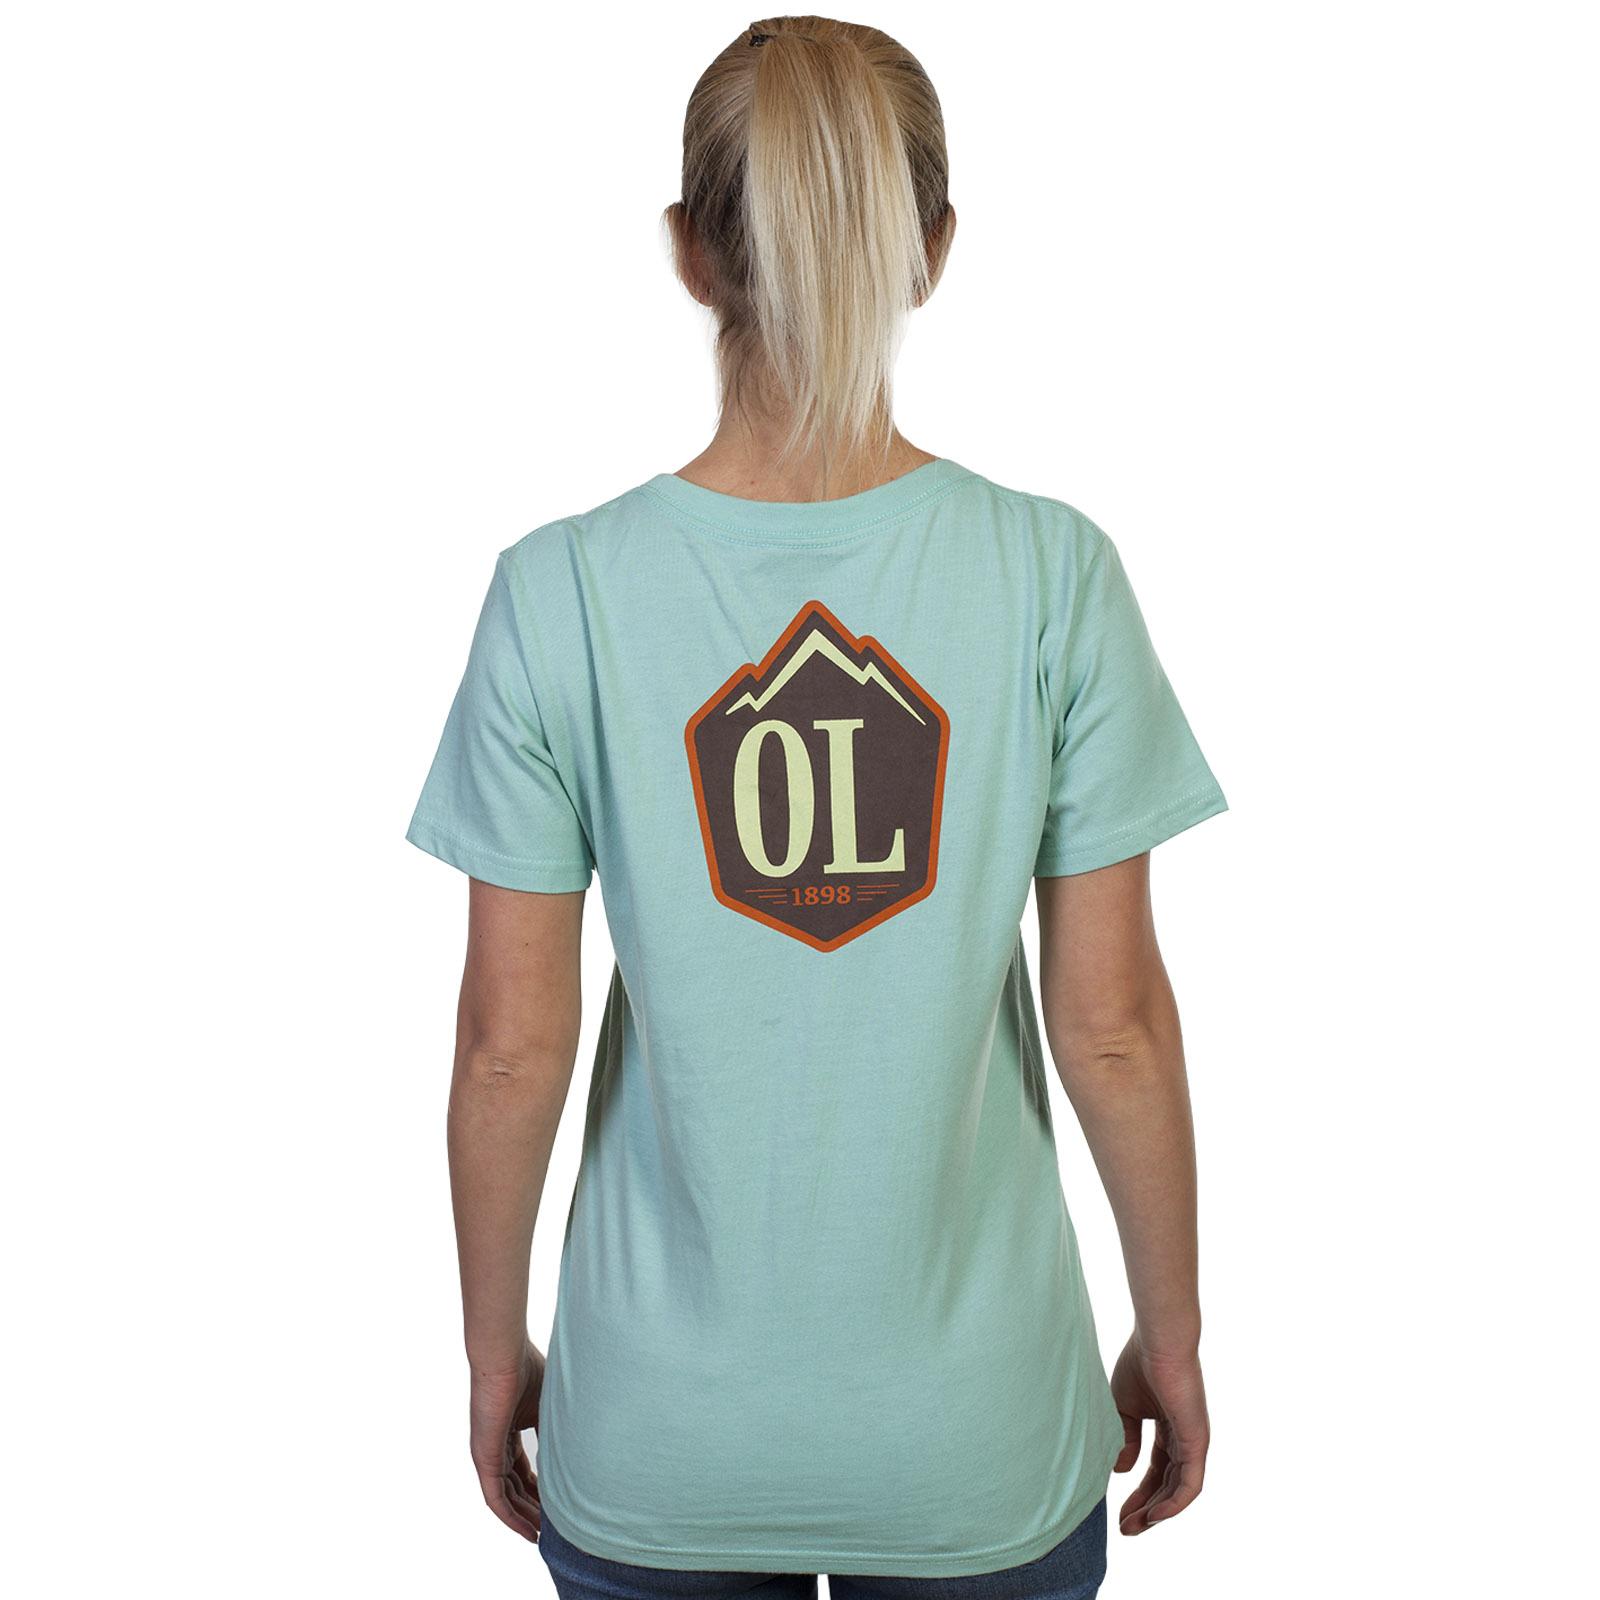 Хлопковая женская футболка Outdoor Life.